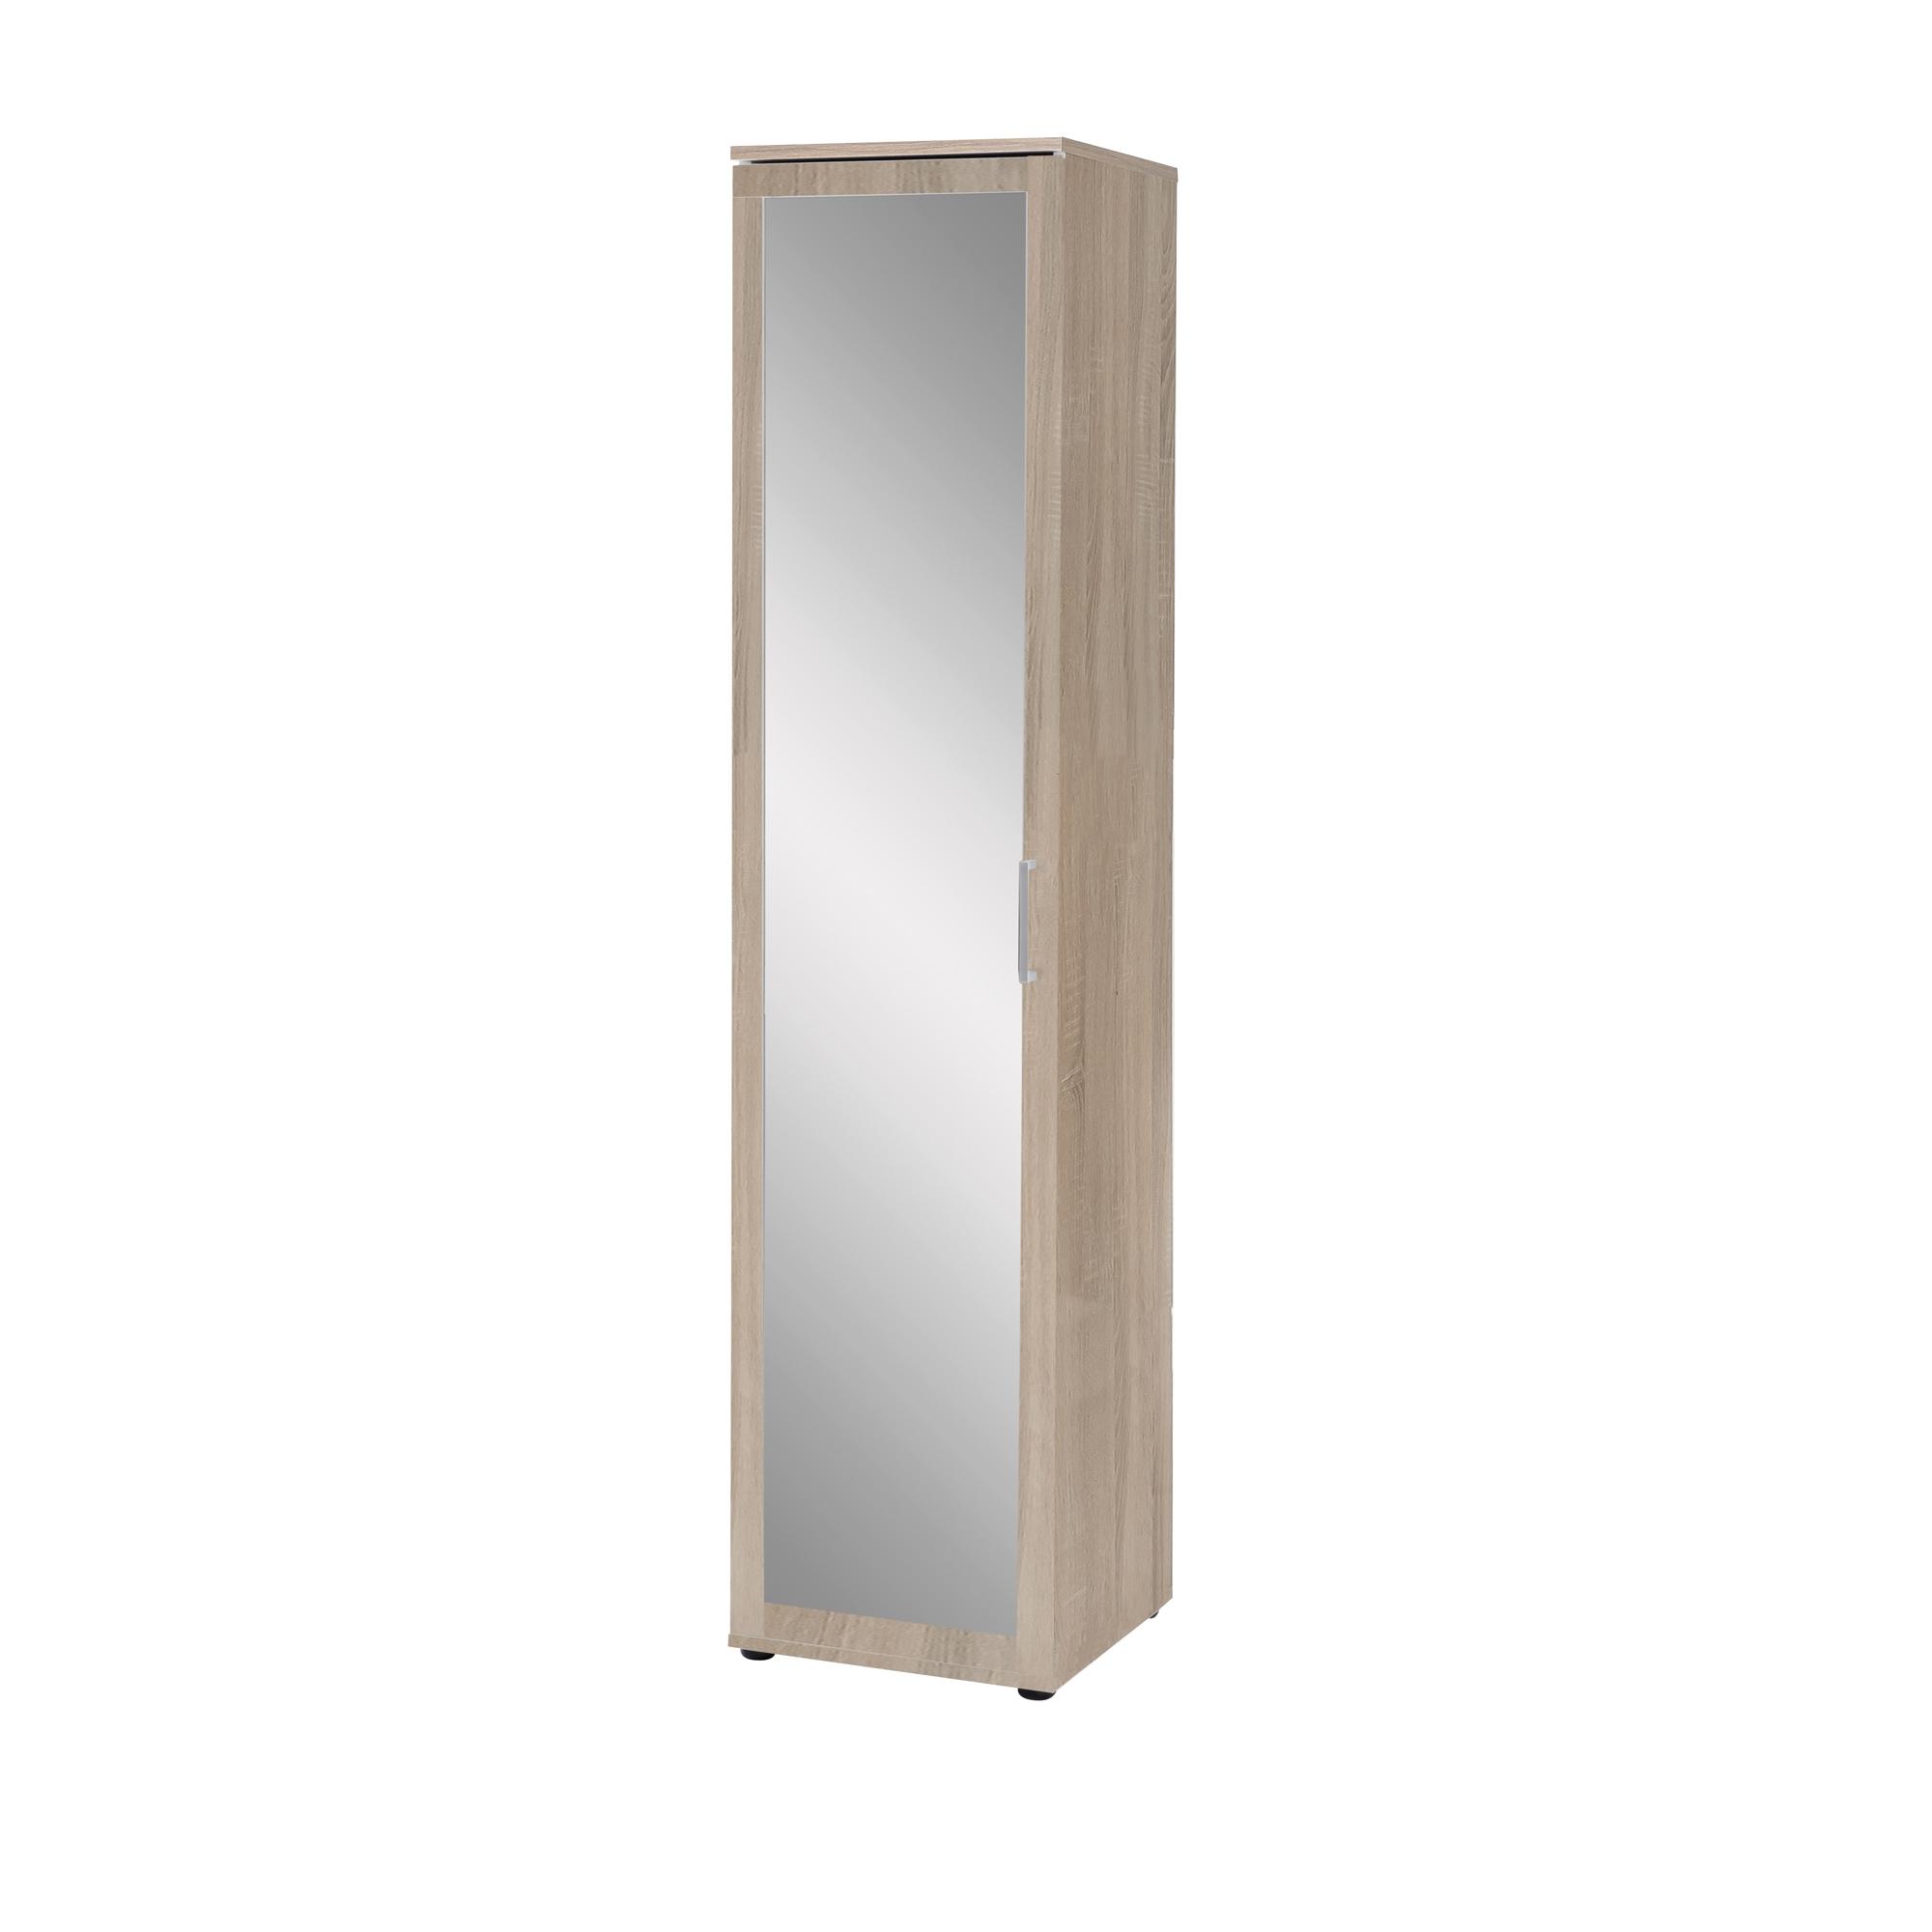 Universalschrank diana 1 spiegelt r 40 cm breit for Mehrzweckschrank 45 cm breit